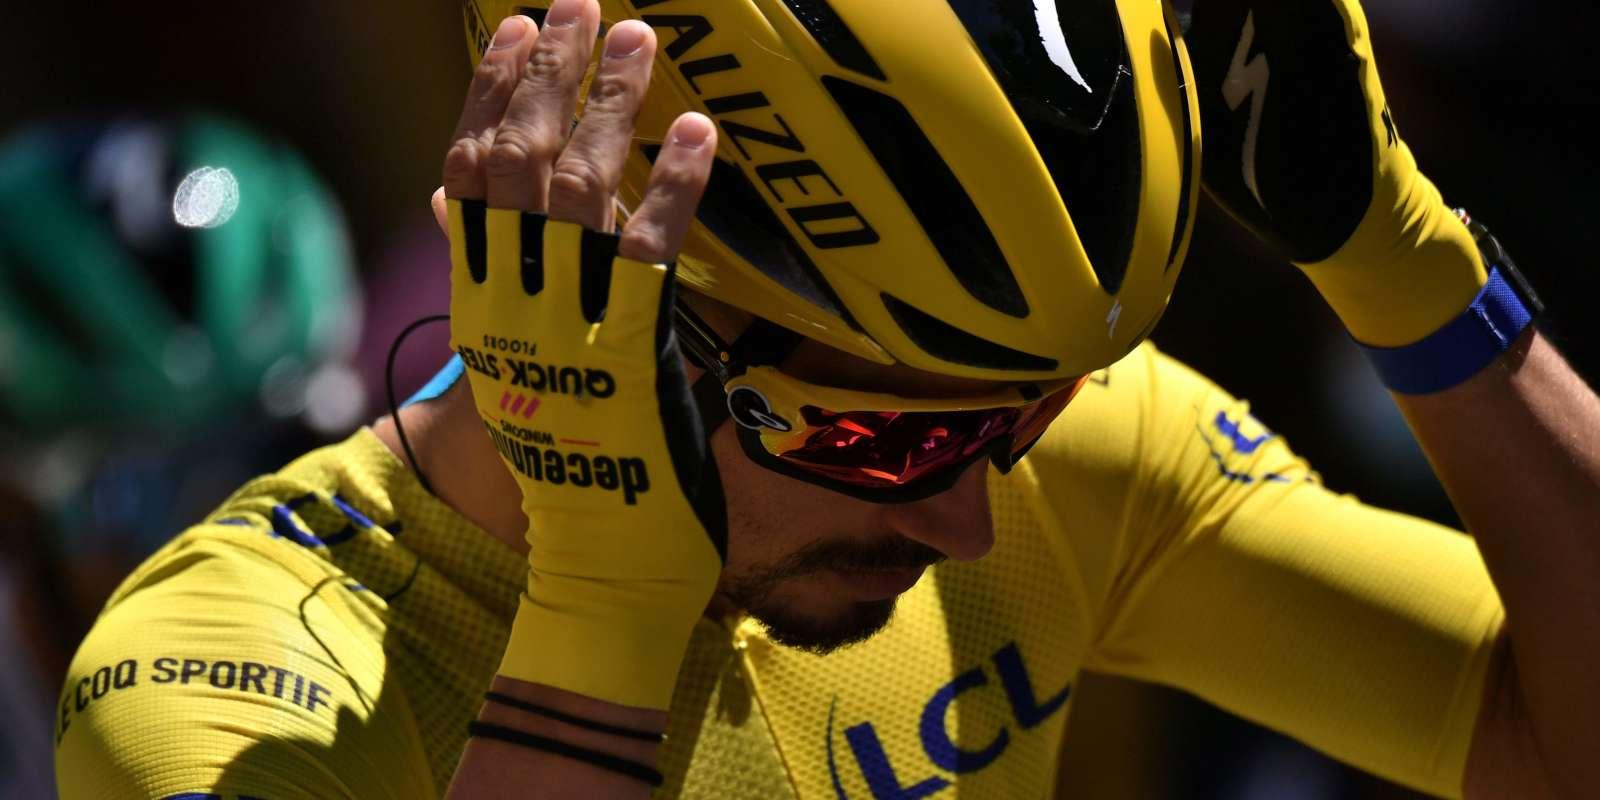 Julian Alaphilippe lors de la 5e étape du Tour de France, le 2 septembre.